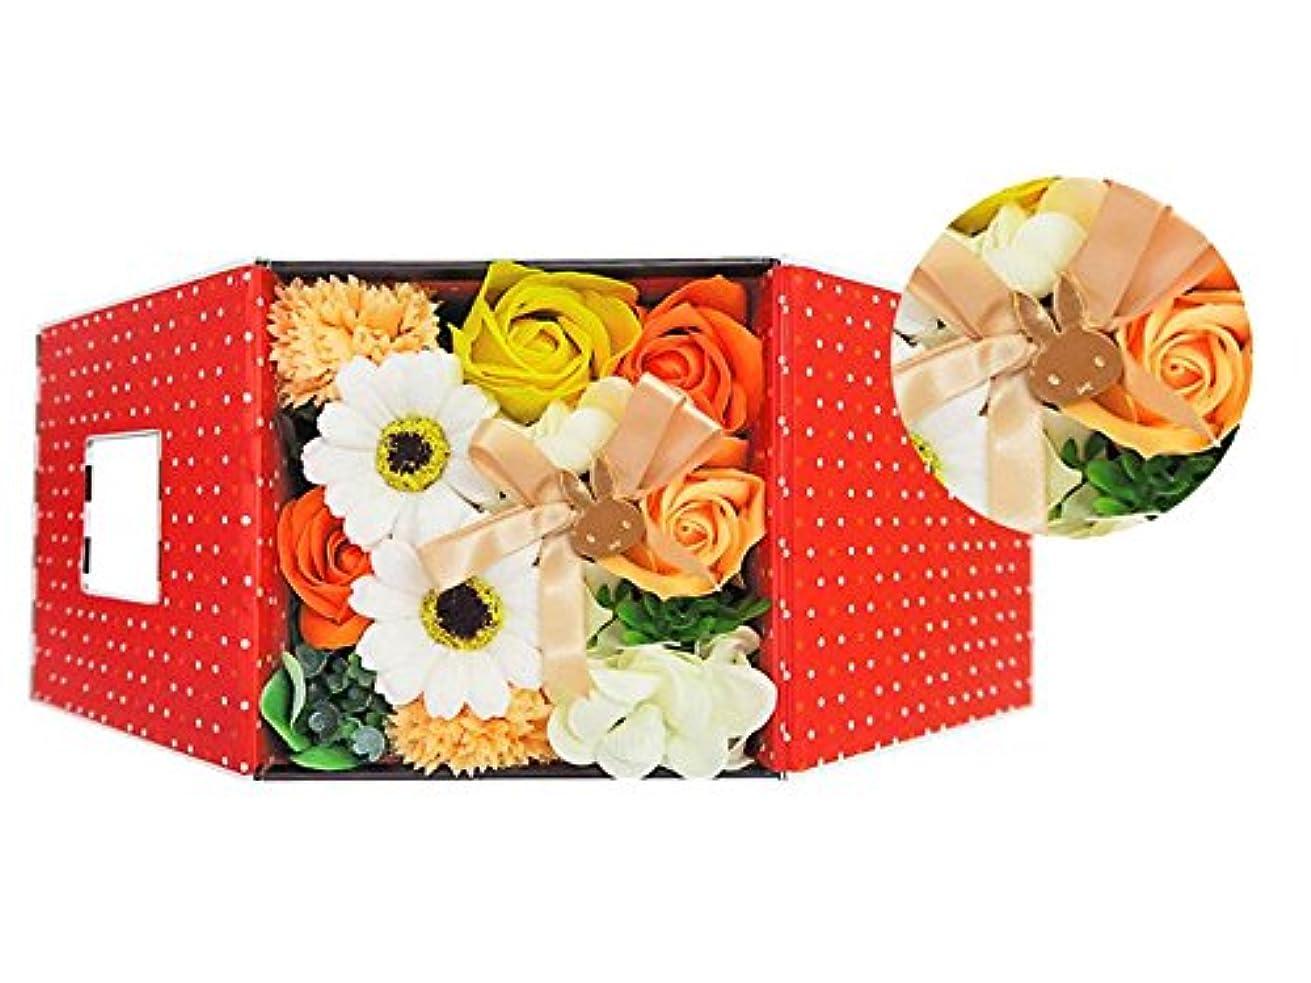 上回る医師タールお花のカタチの入浴剤 ミッフィーバスフレグランスボックス 誕生日 記念日 お祝い (オレンジ)